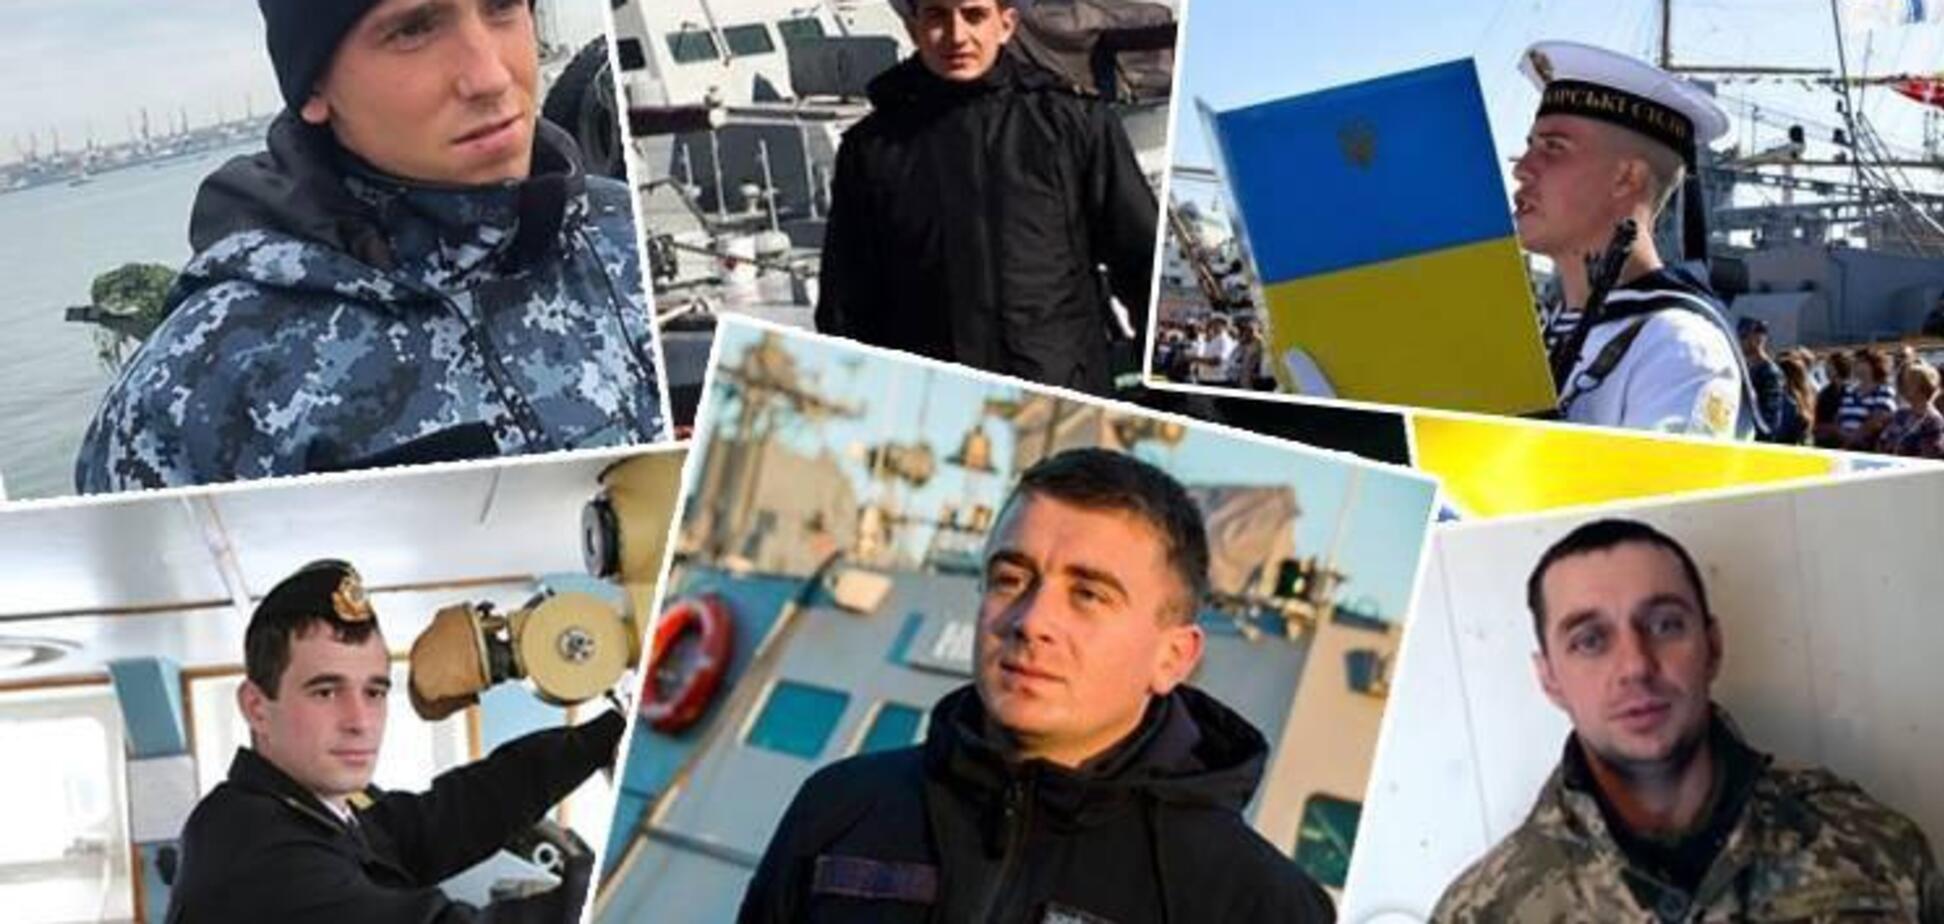 ''Думали, що їх вважають зрадниками!'' Розповідь батьків полонених українських моряків